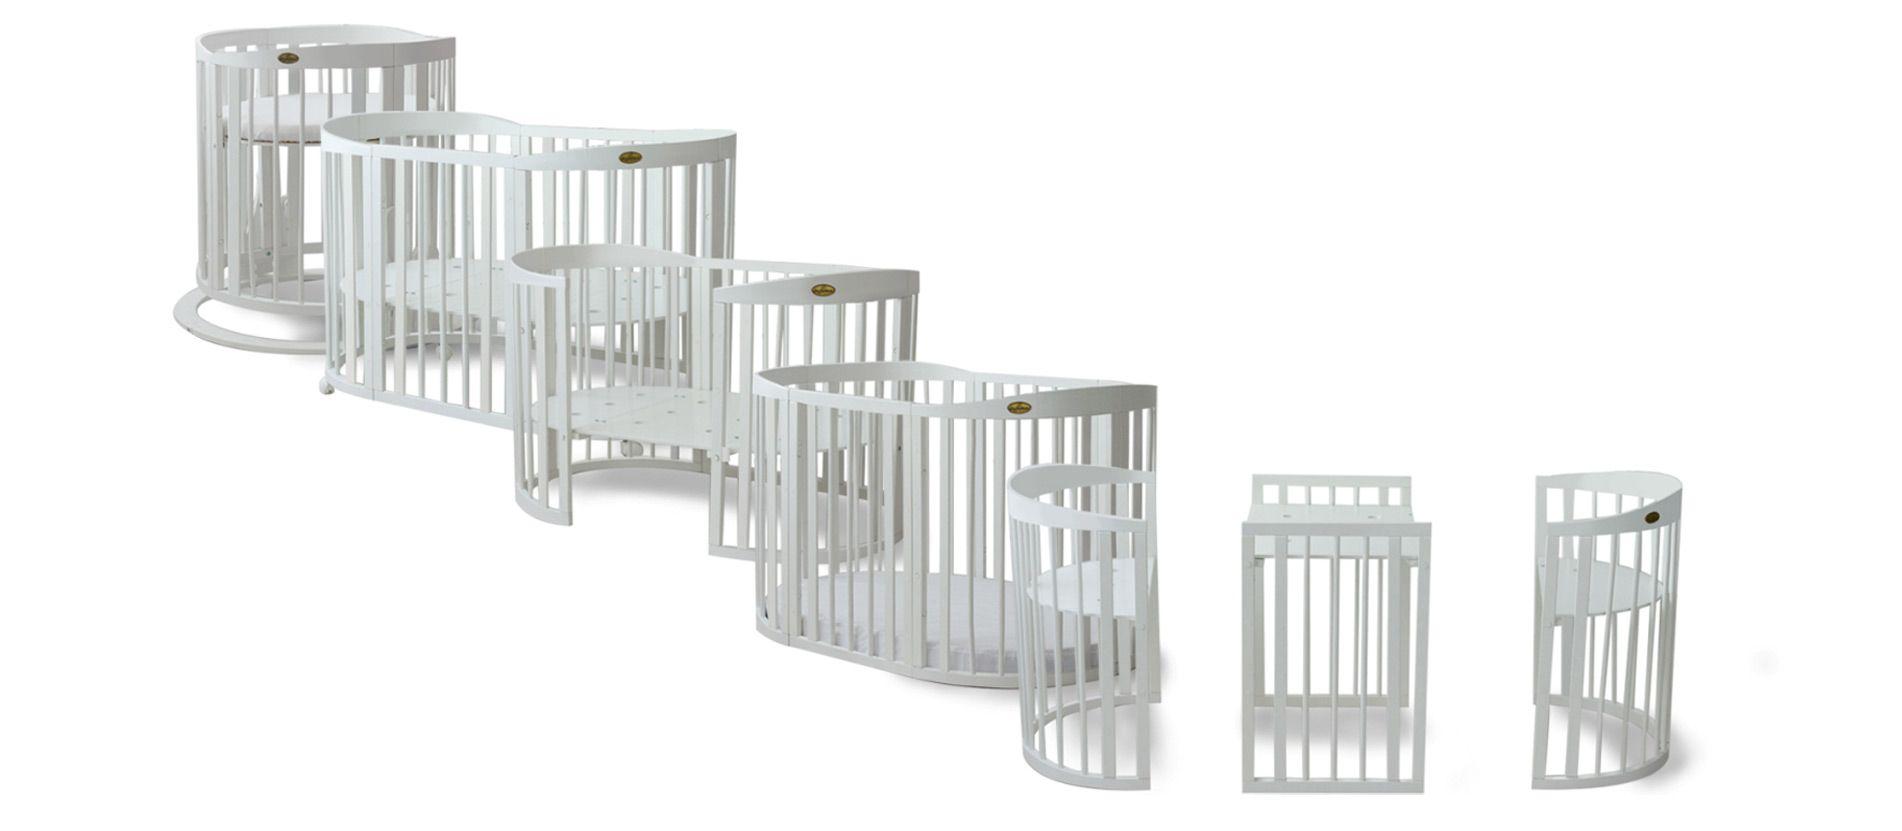 Comfortbaby Smartgrow 7 In 1 Funktionen Ovales Babybett Mit Bettset Babybett Comfortbaby Bett Beistellbett